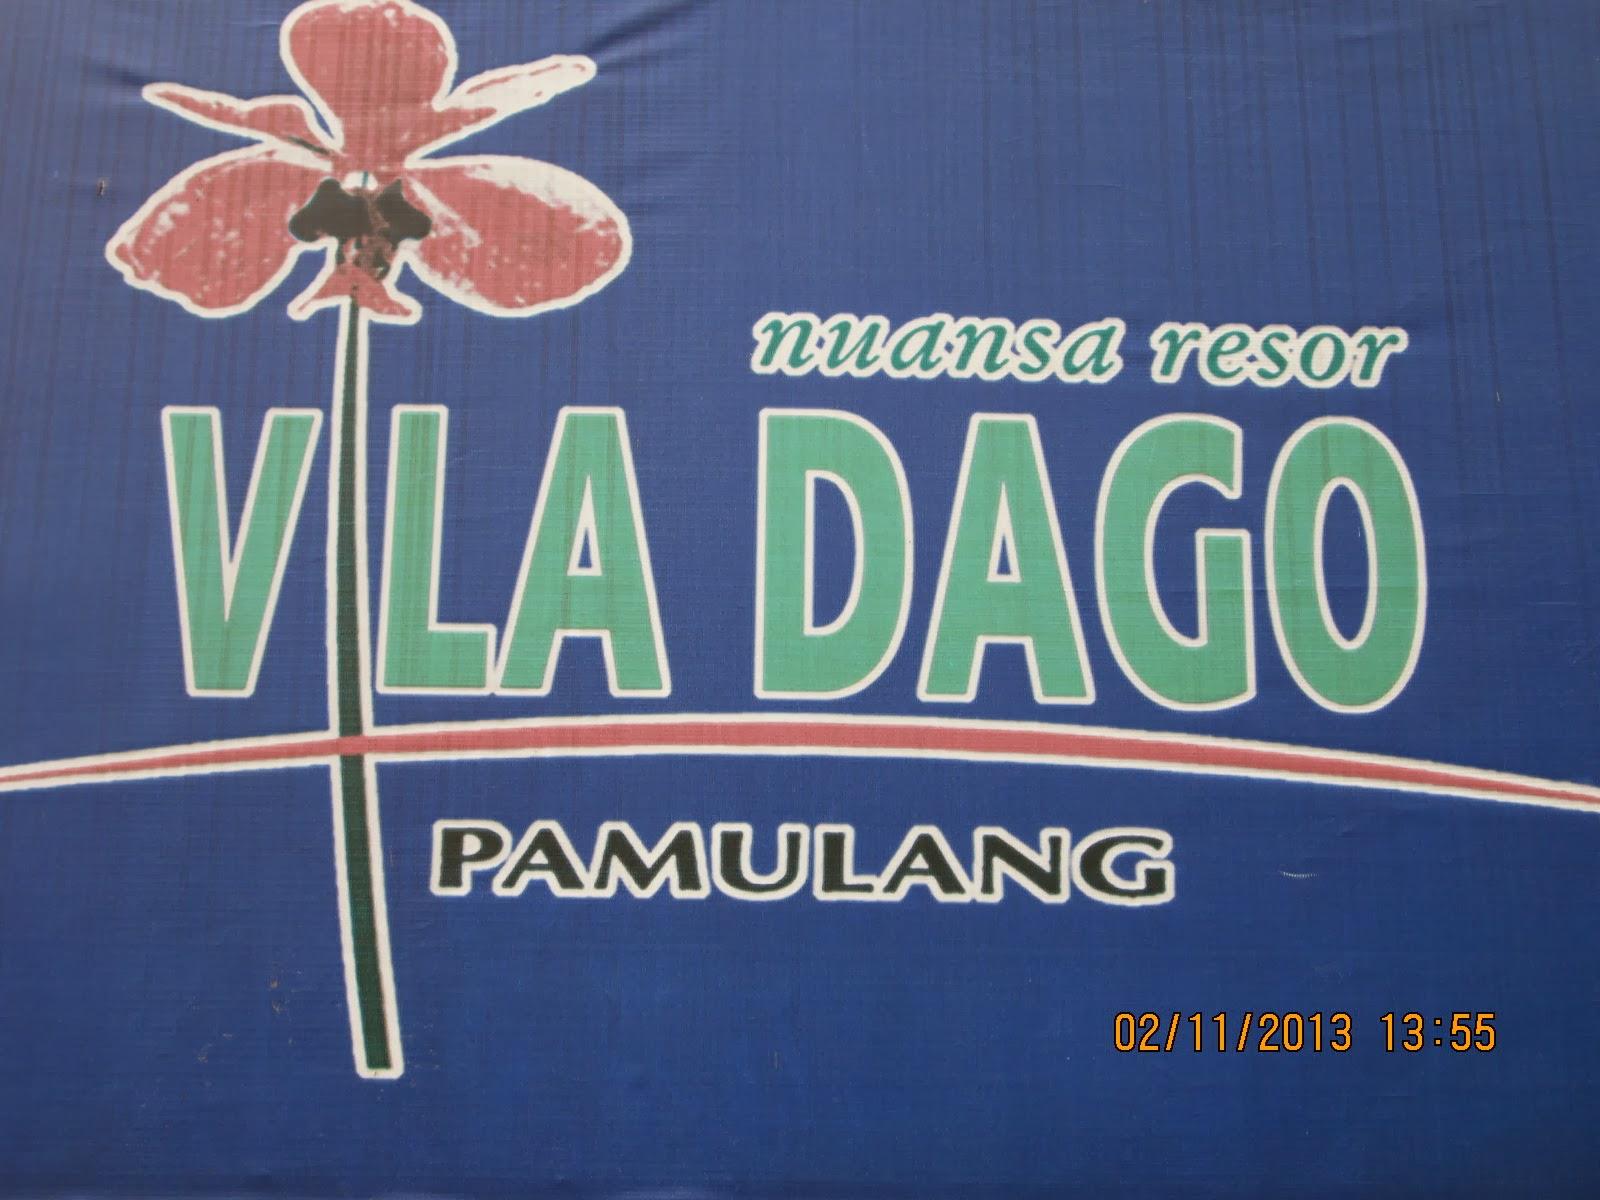 Rumah Kpr Di Villa Dago Pamulang - Ceria Bulat m